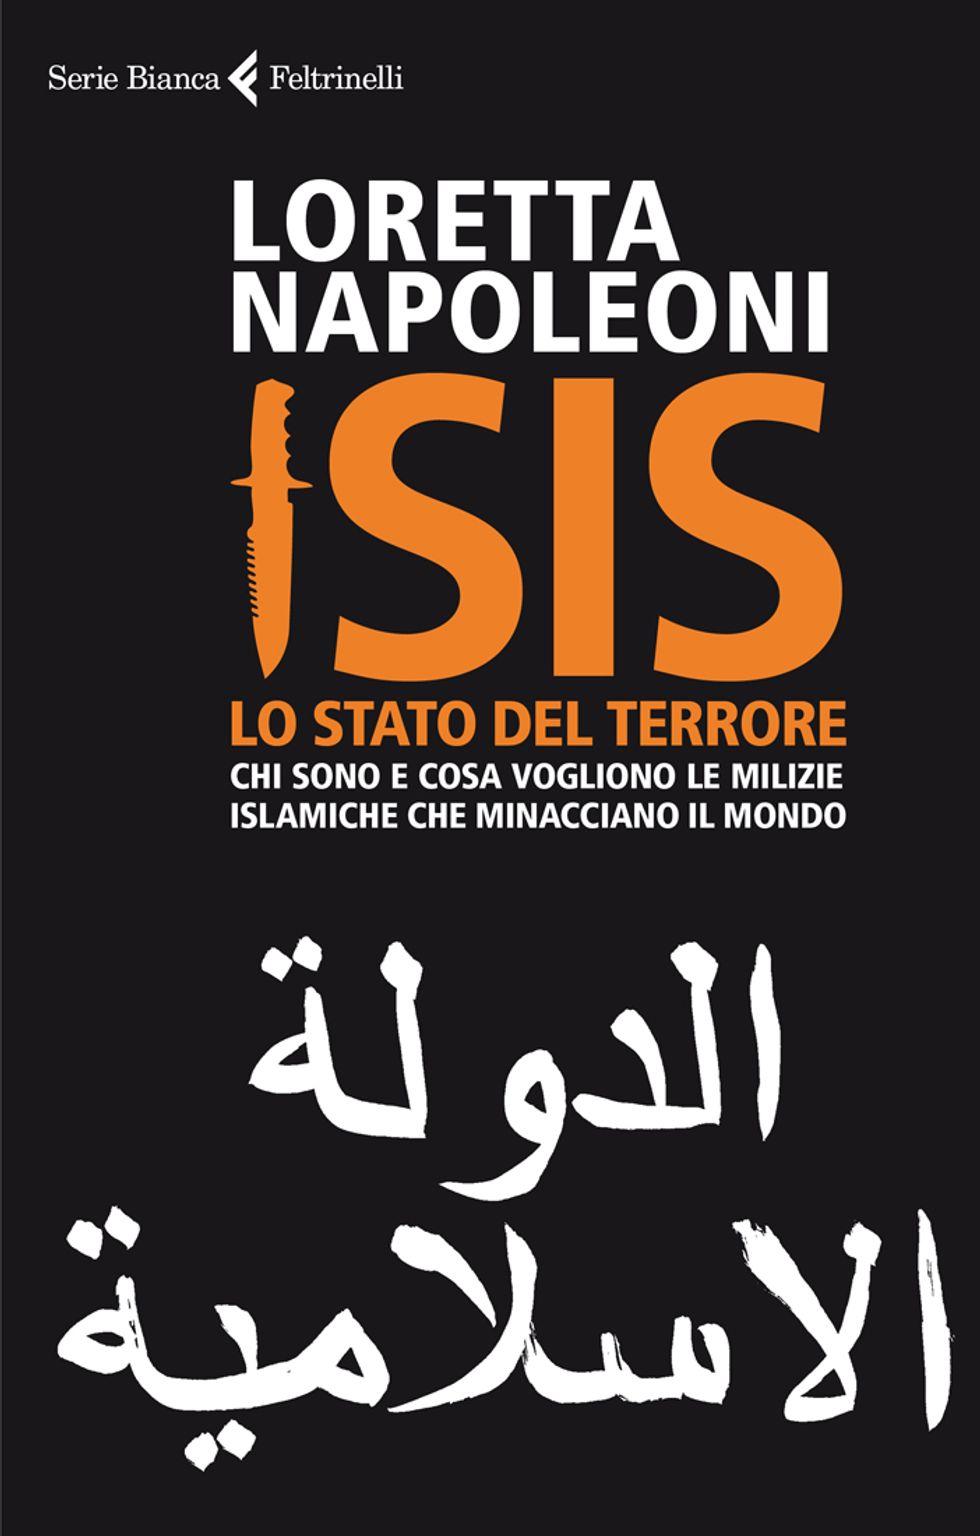 ISIS. Lo stato del Terrore: l'incipit è in chiave Global Policy